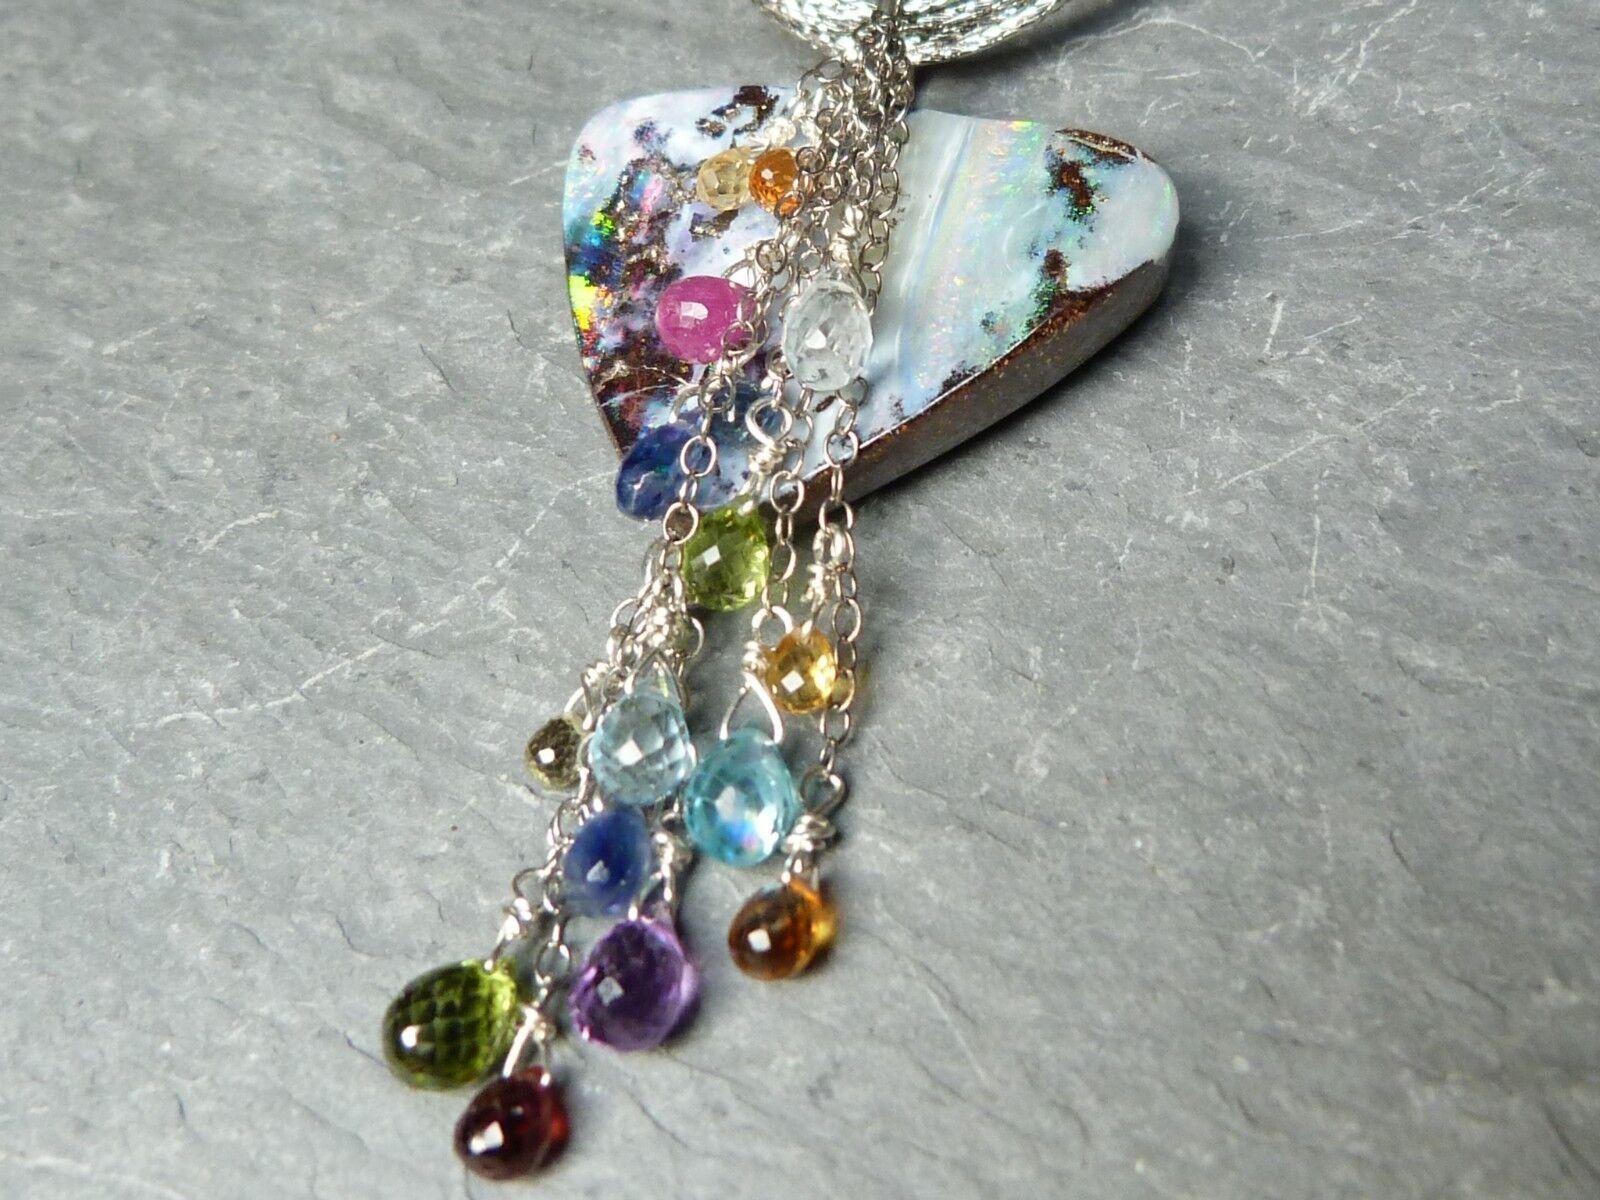 Collier Collier Collier pendentif en argento 925 avec 1 opale boulder et pierres précieuses 2cdac4